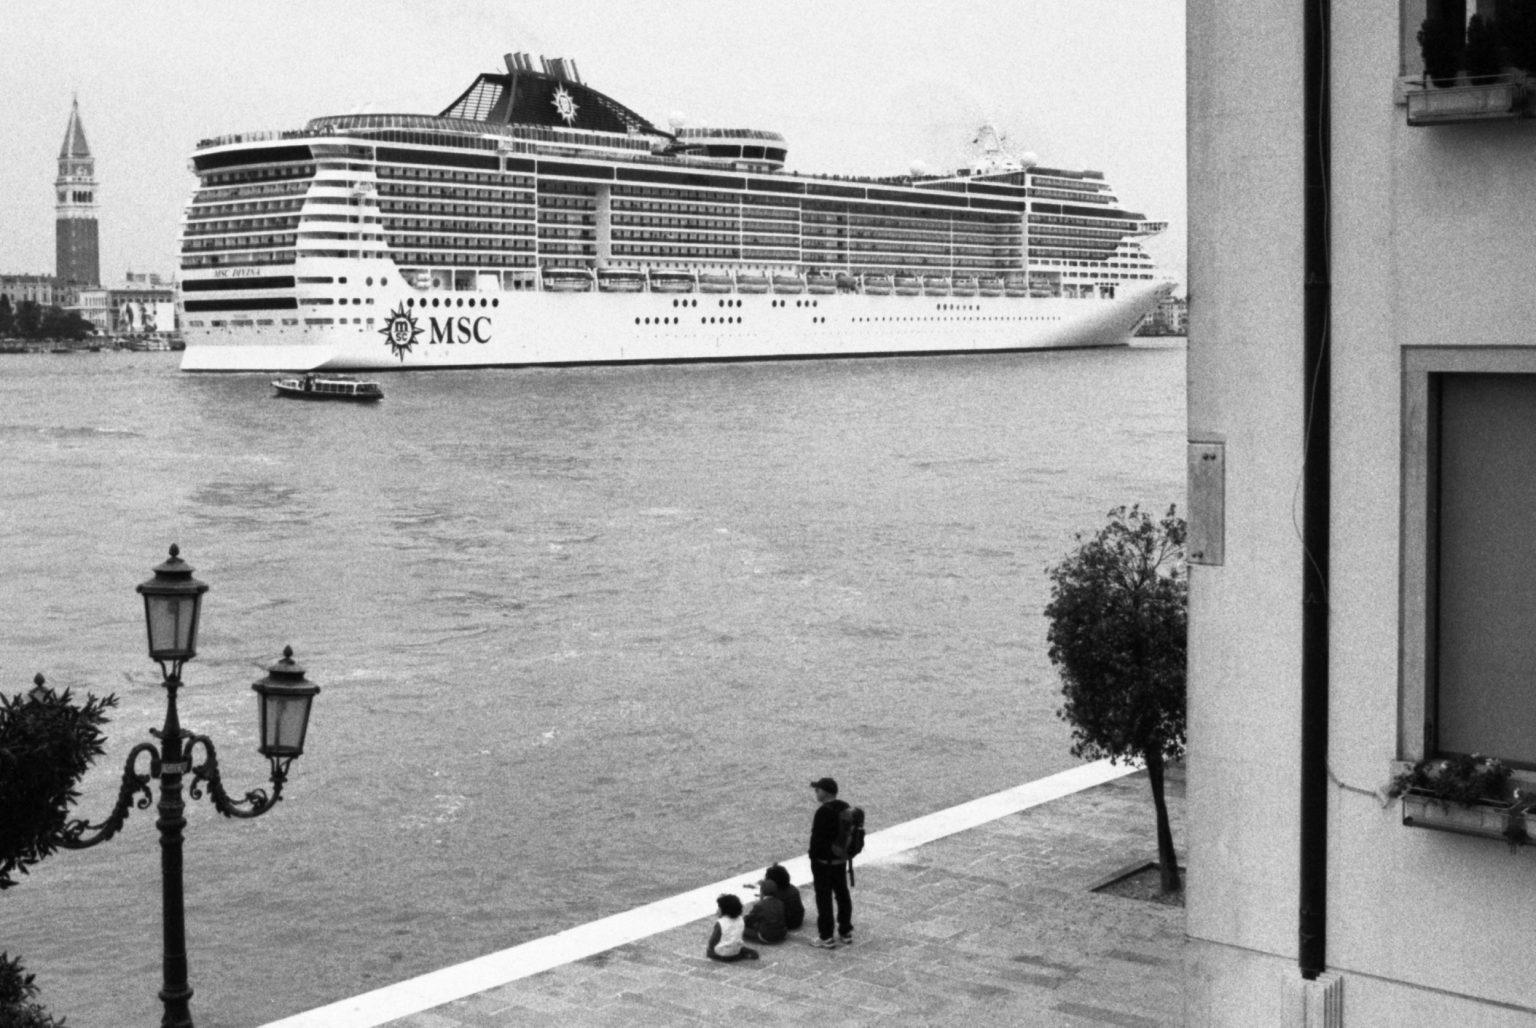 """Venice, April 2013 - Big cruise liners invade the city - MSC Divina cruise ship passing by the old town ><  Venezia, aprile 2013 - Le grandi navi da crociera invadono la città - La MSC Divina passa davanti al centro storico<p><span style=""""color: #ff0000""""><strong>*** SPECIAL   FEE   APPLIES ***</strong></span></p>*** SPECIAL   FEE   APPLIES *** *** Local Caption *** 00473487"""